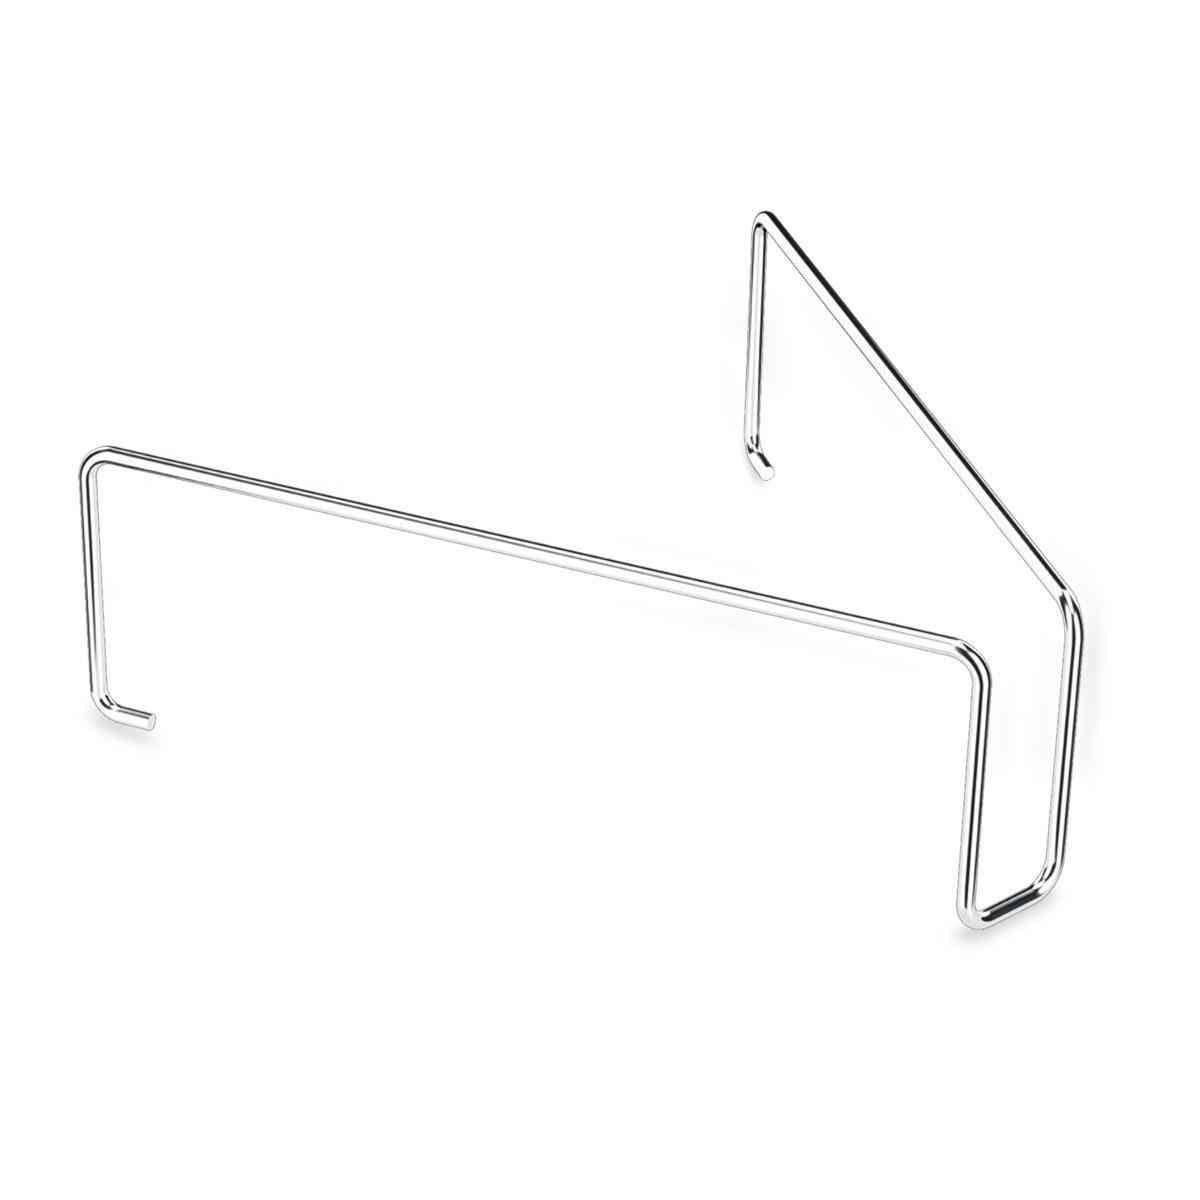 vitavit®-Zubehör Dreibein für Schnellkochtöpfe mit 26 cm Durchmesser